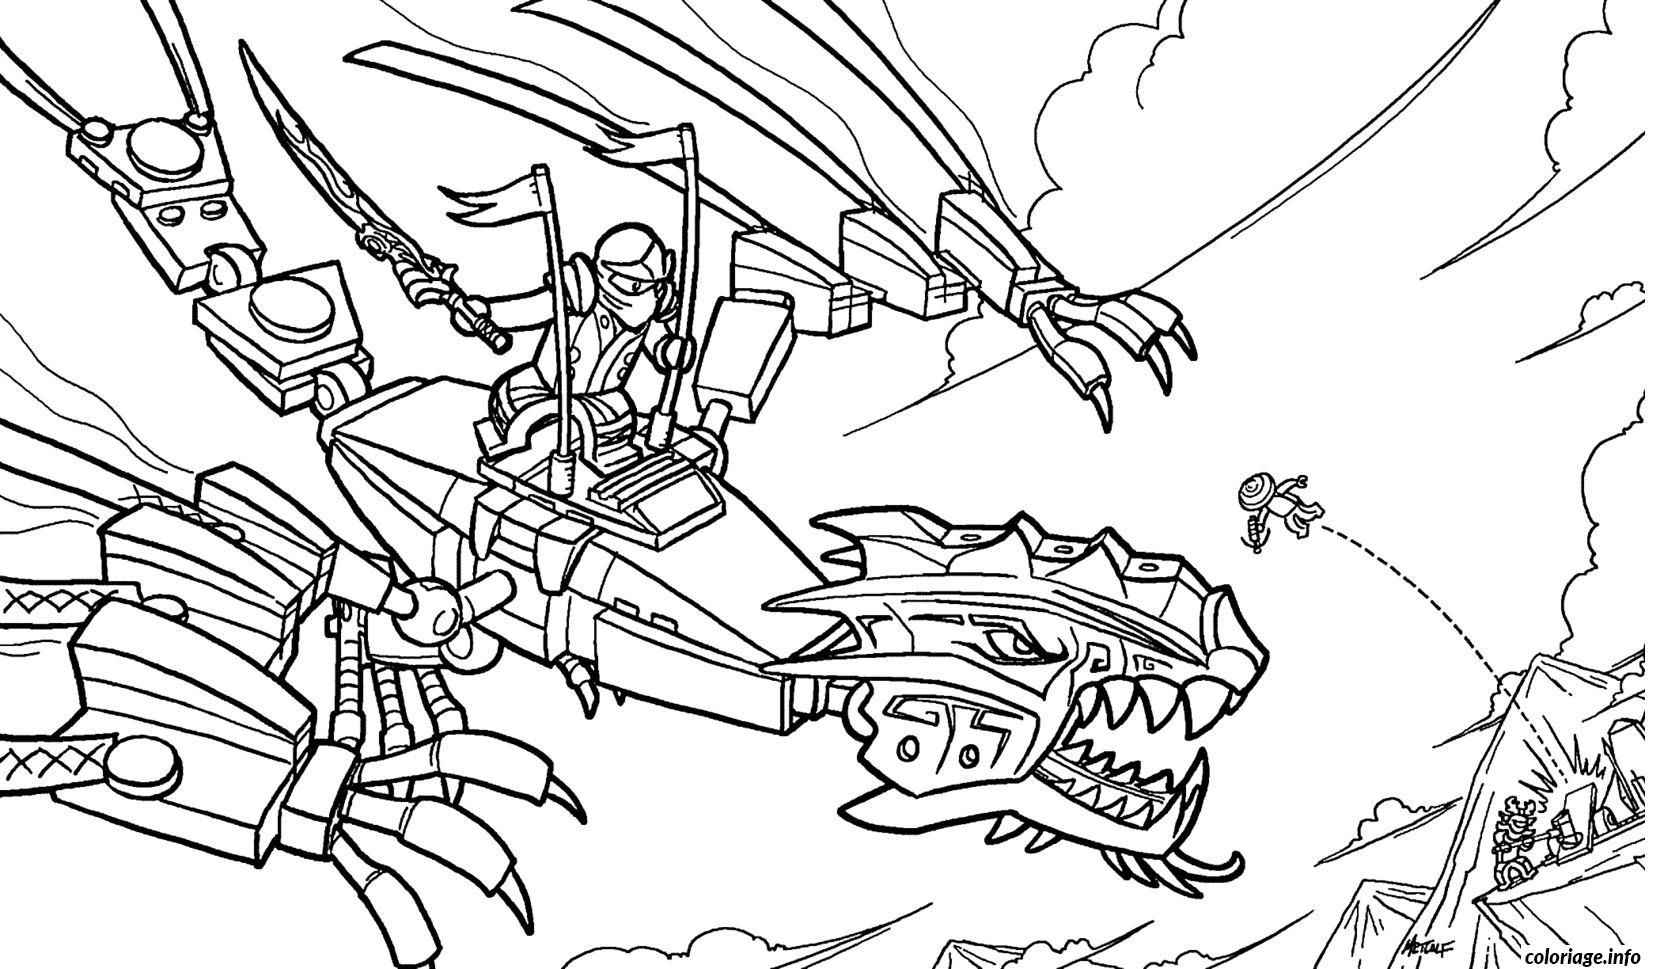 Coloriage Ninjago Sur Un Dragon Ninja Dessin  Imprimer